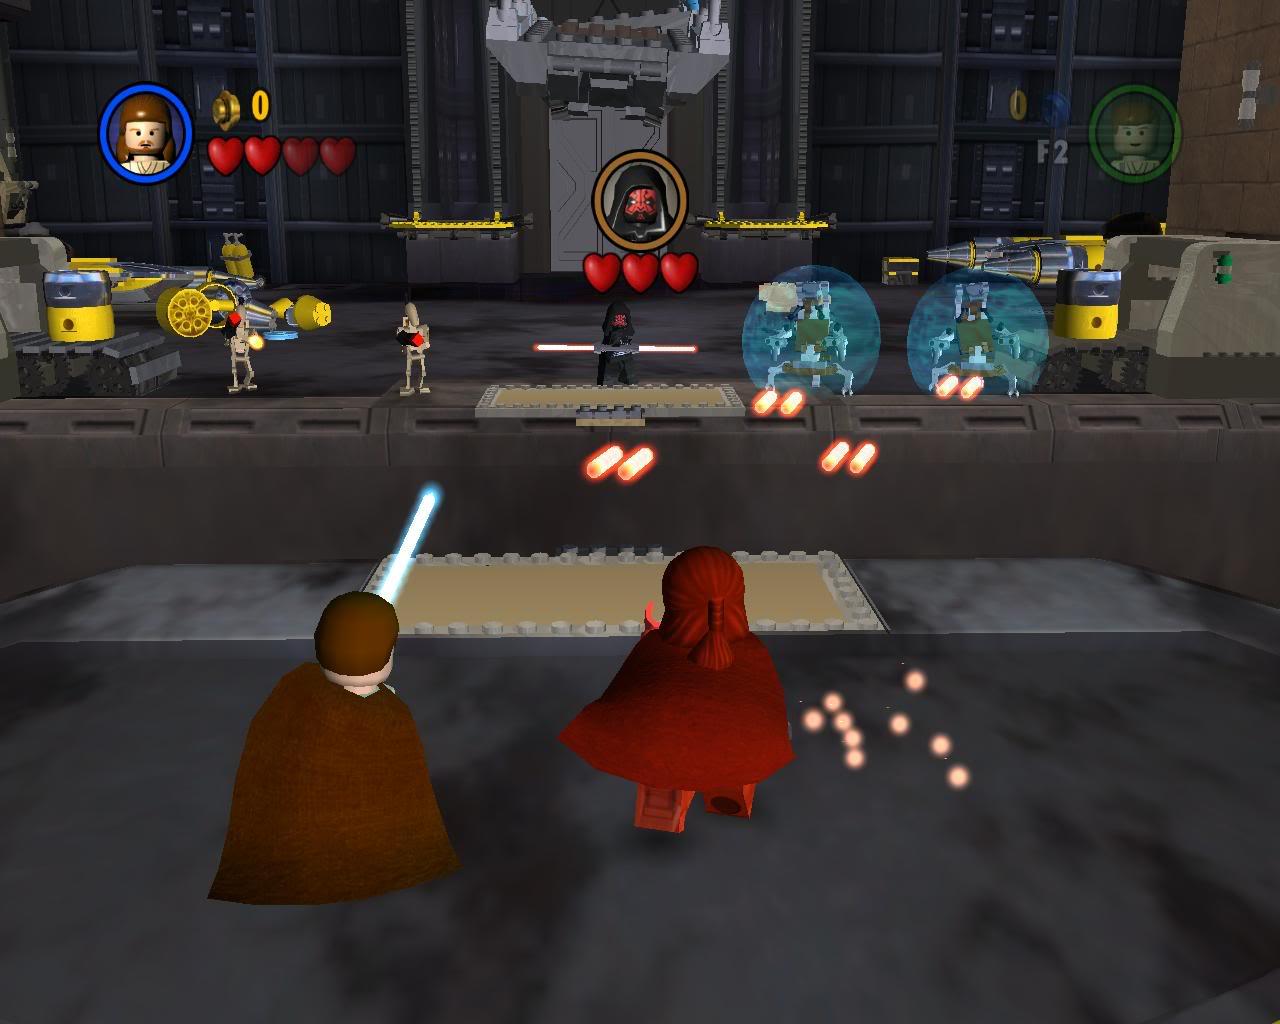 Скачать игру лего звёздные войны 3 (6,34 гб).